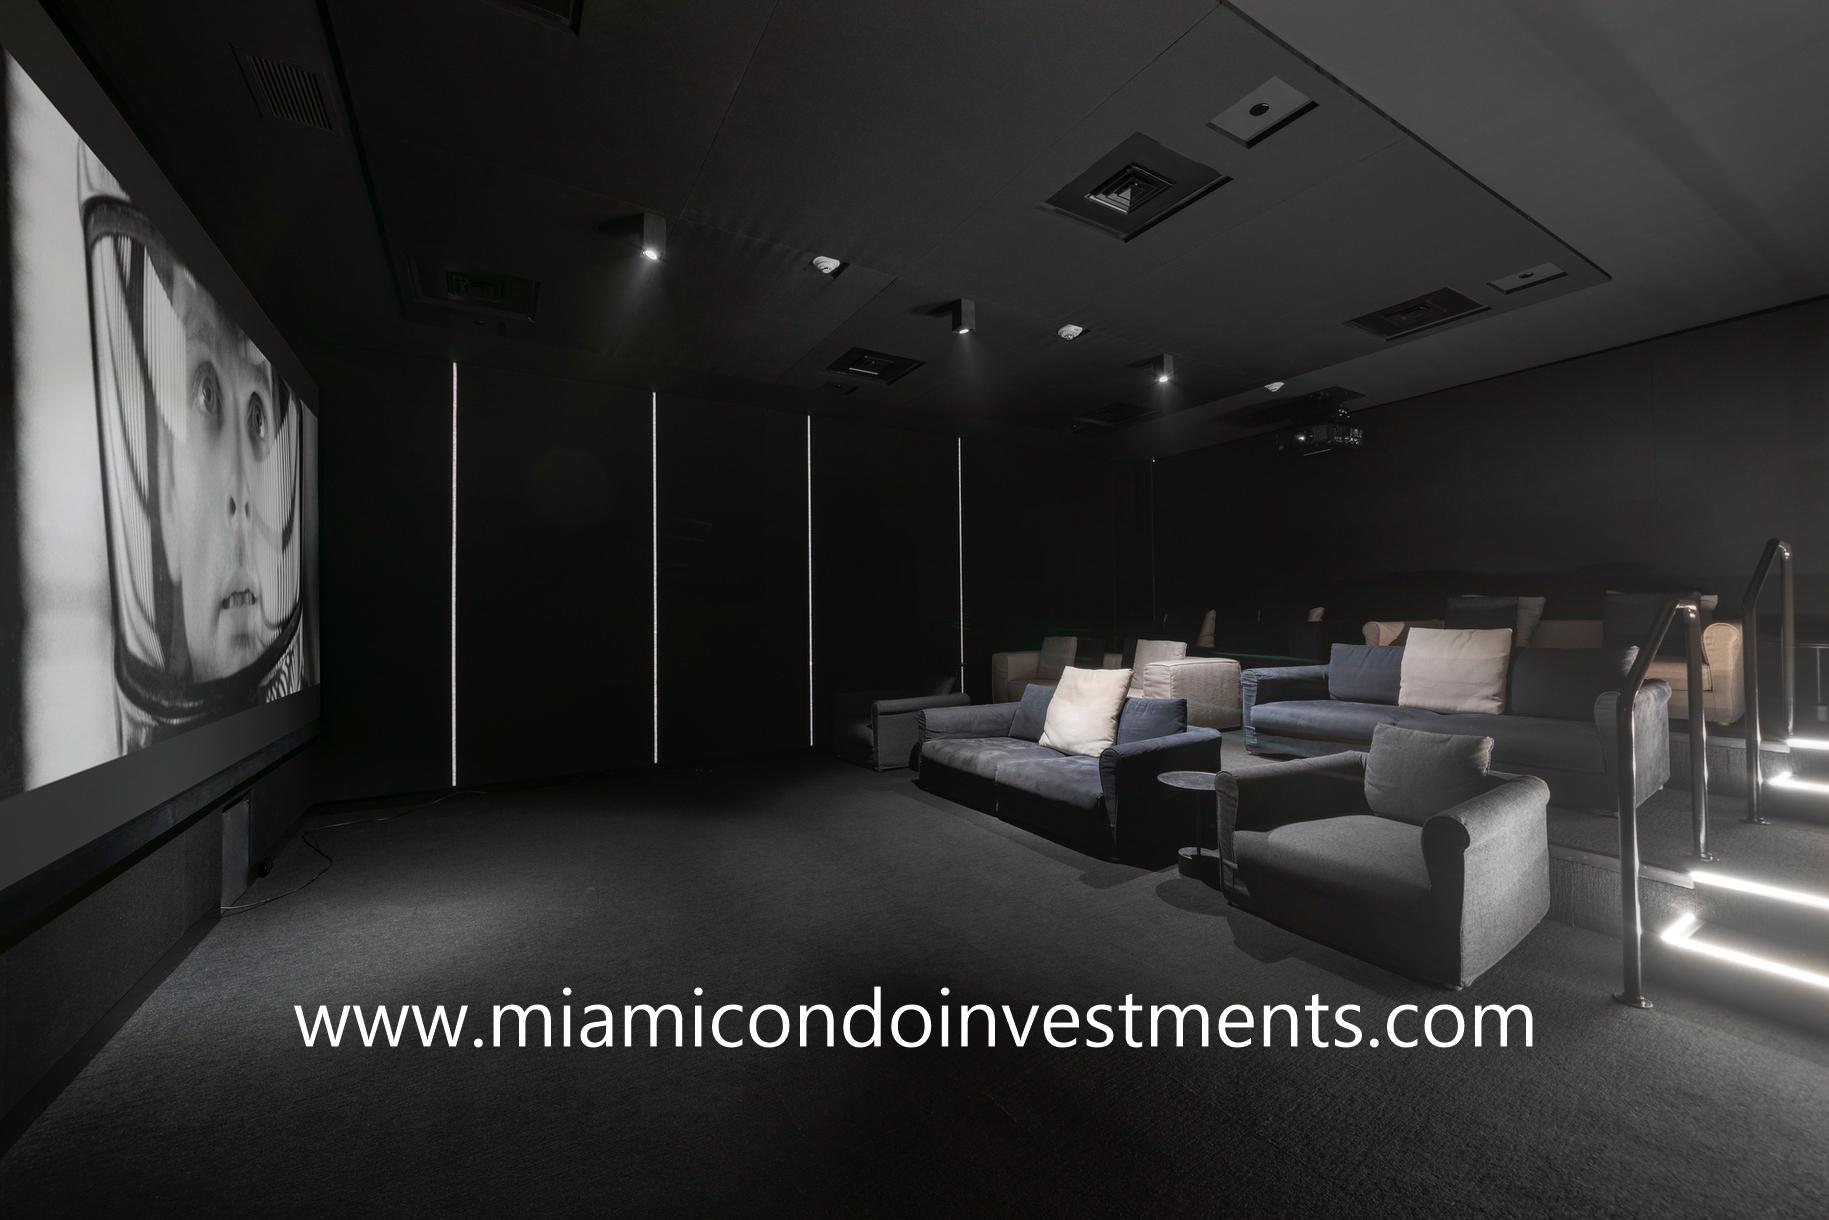 Ritz-Carlton Residences Miami Beach movie theater